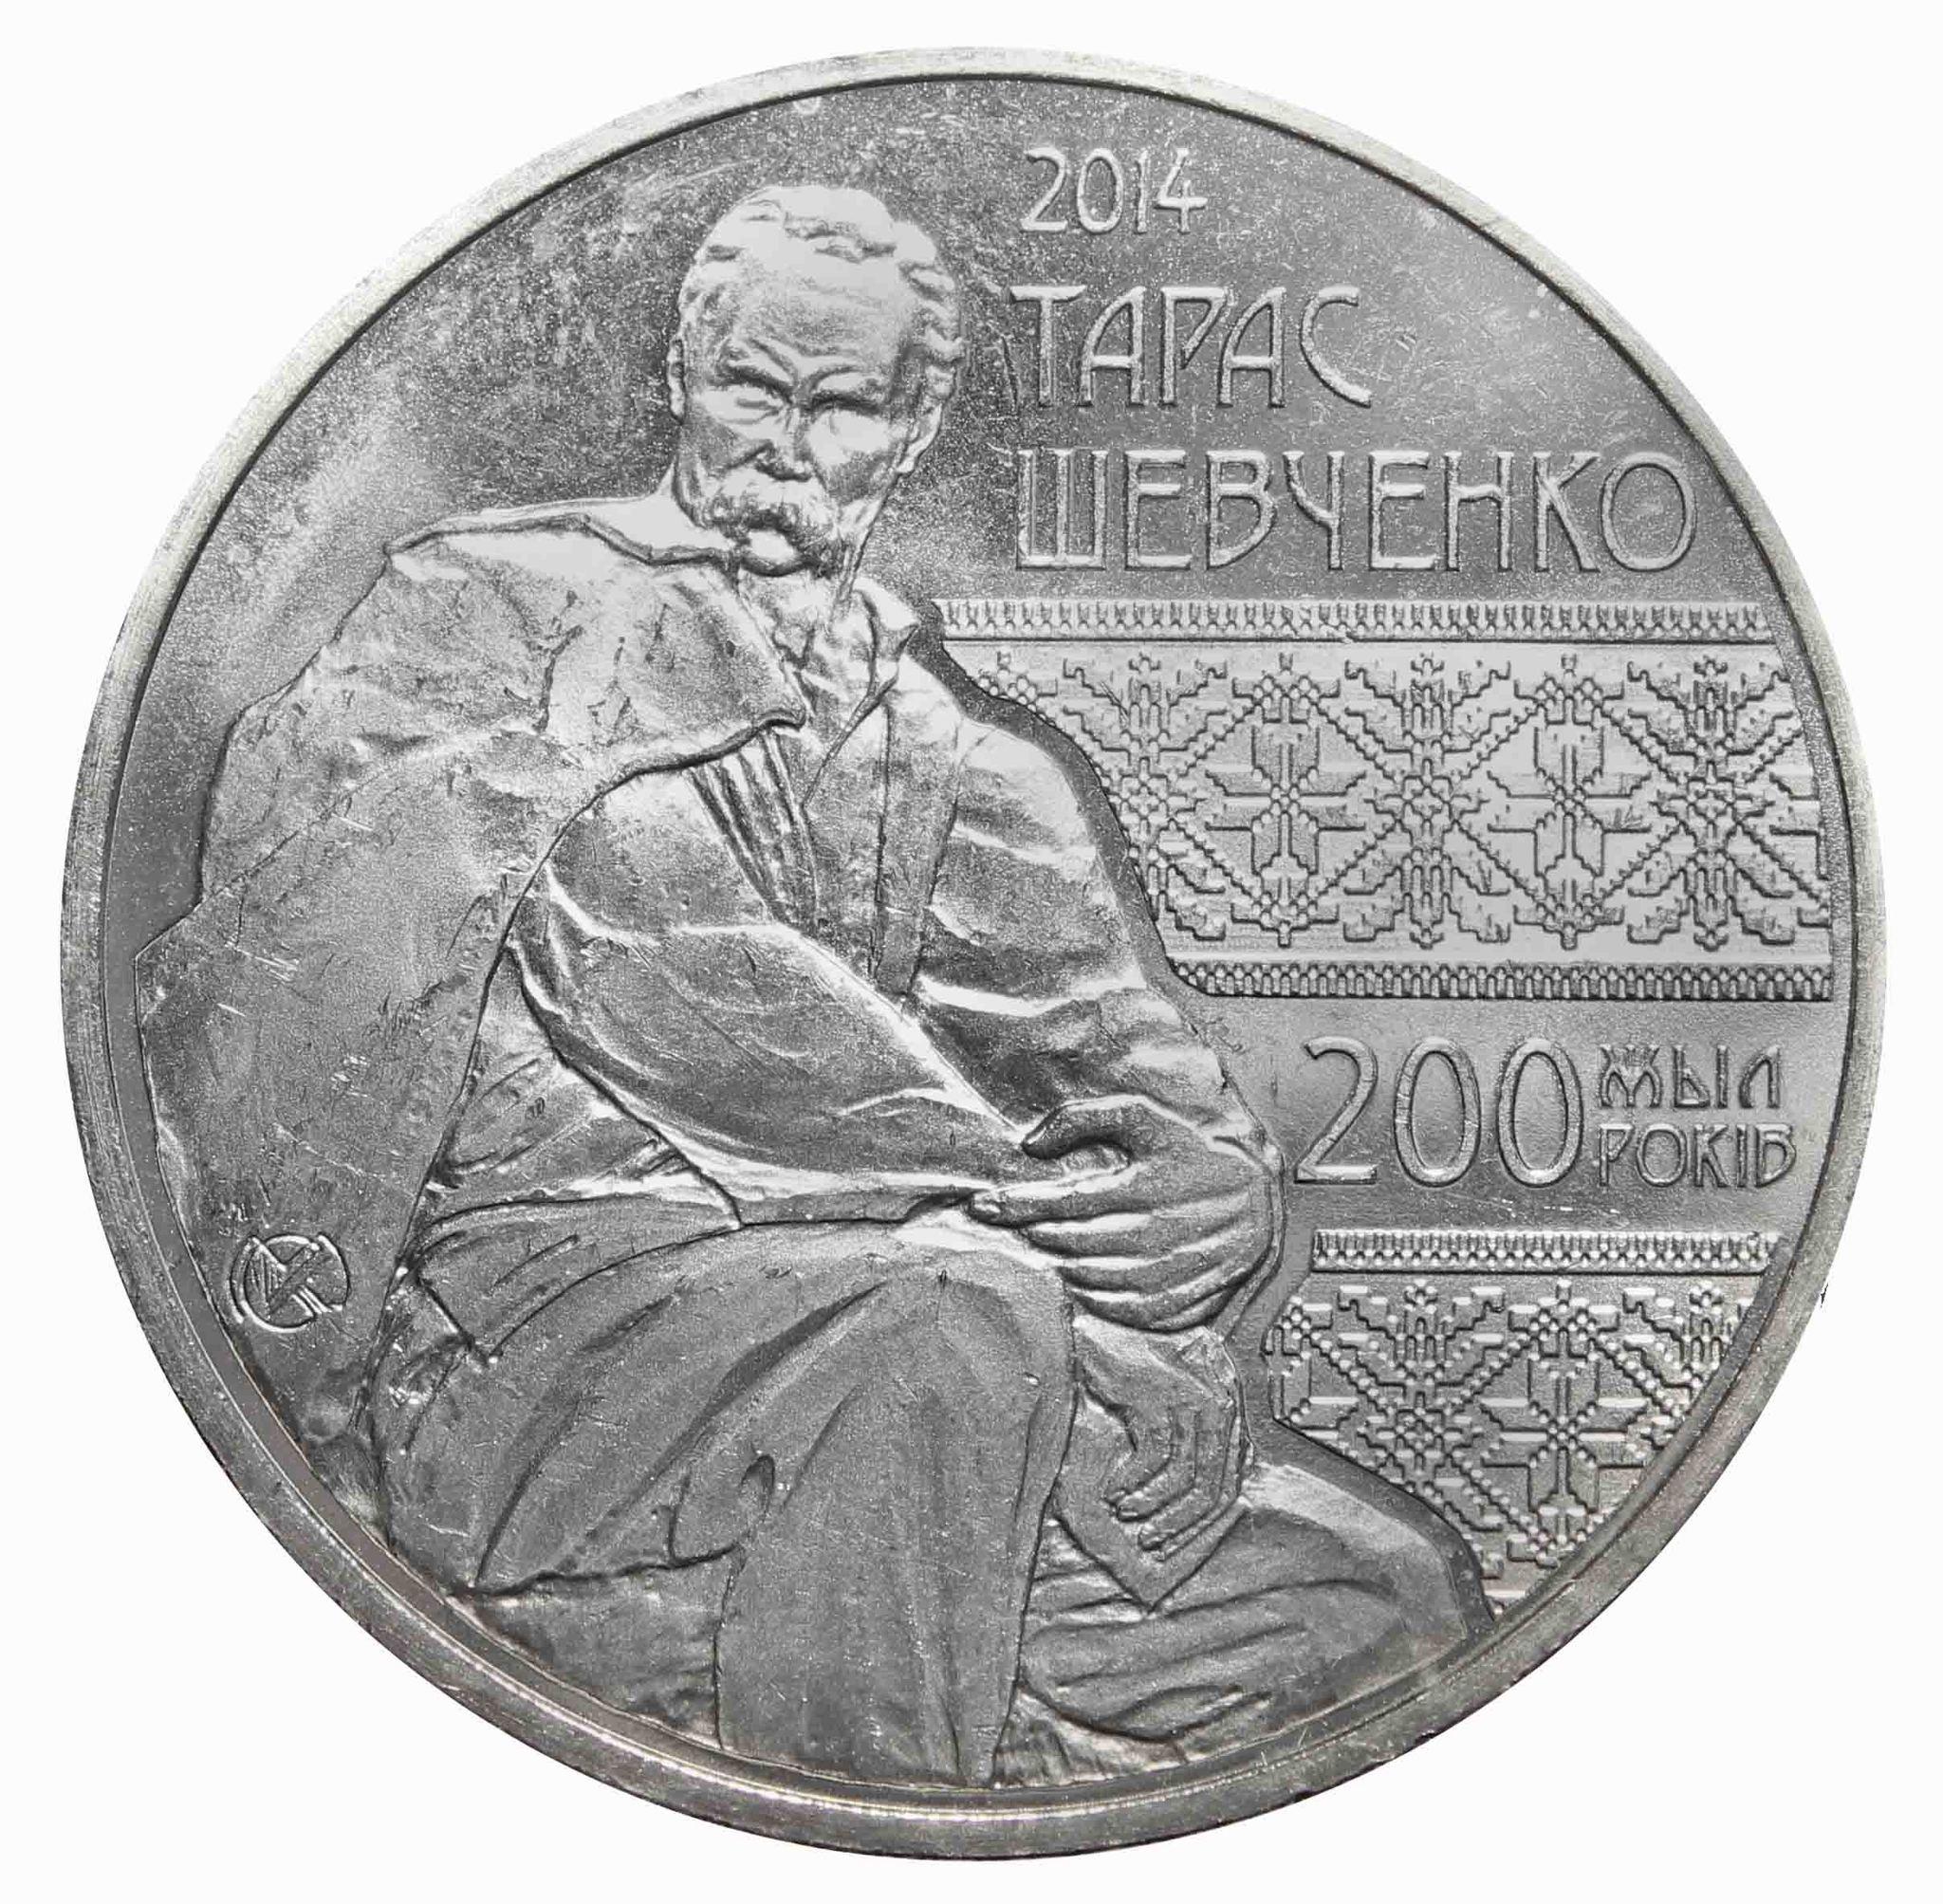 50 тенге Шевченко 2014 год